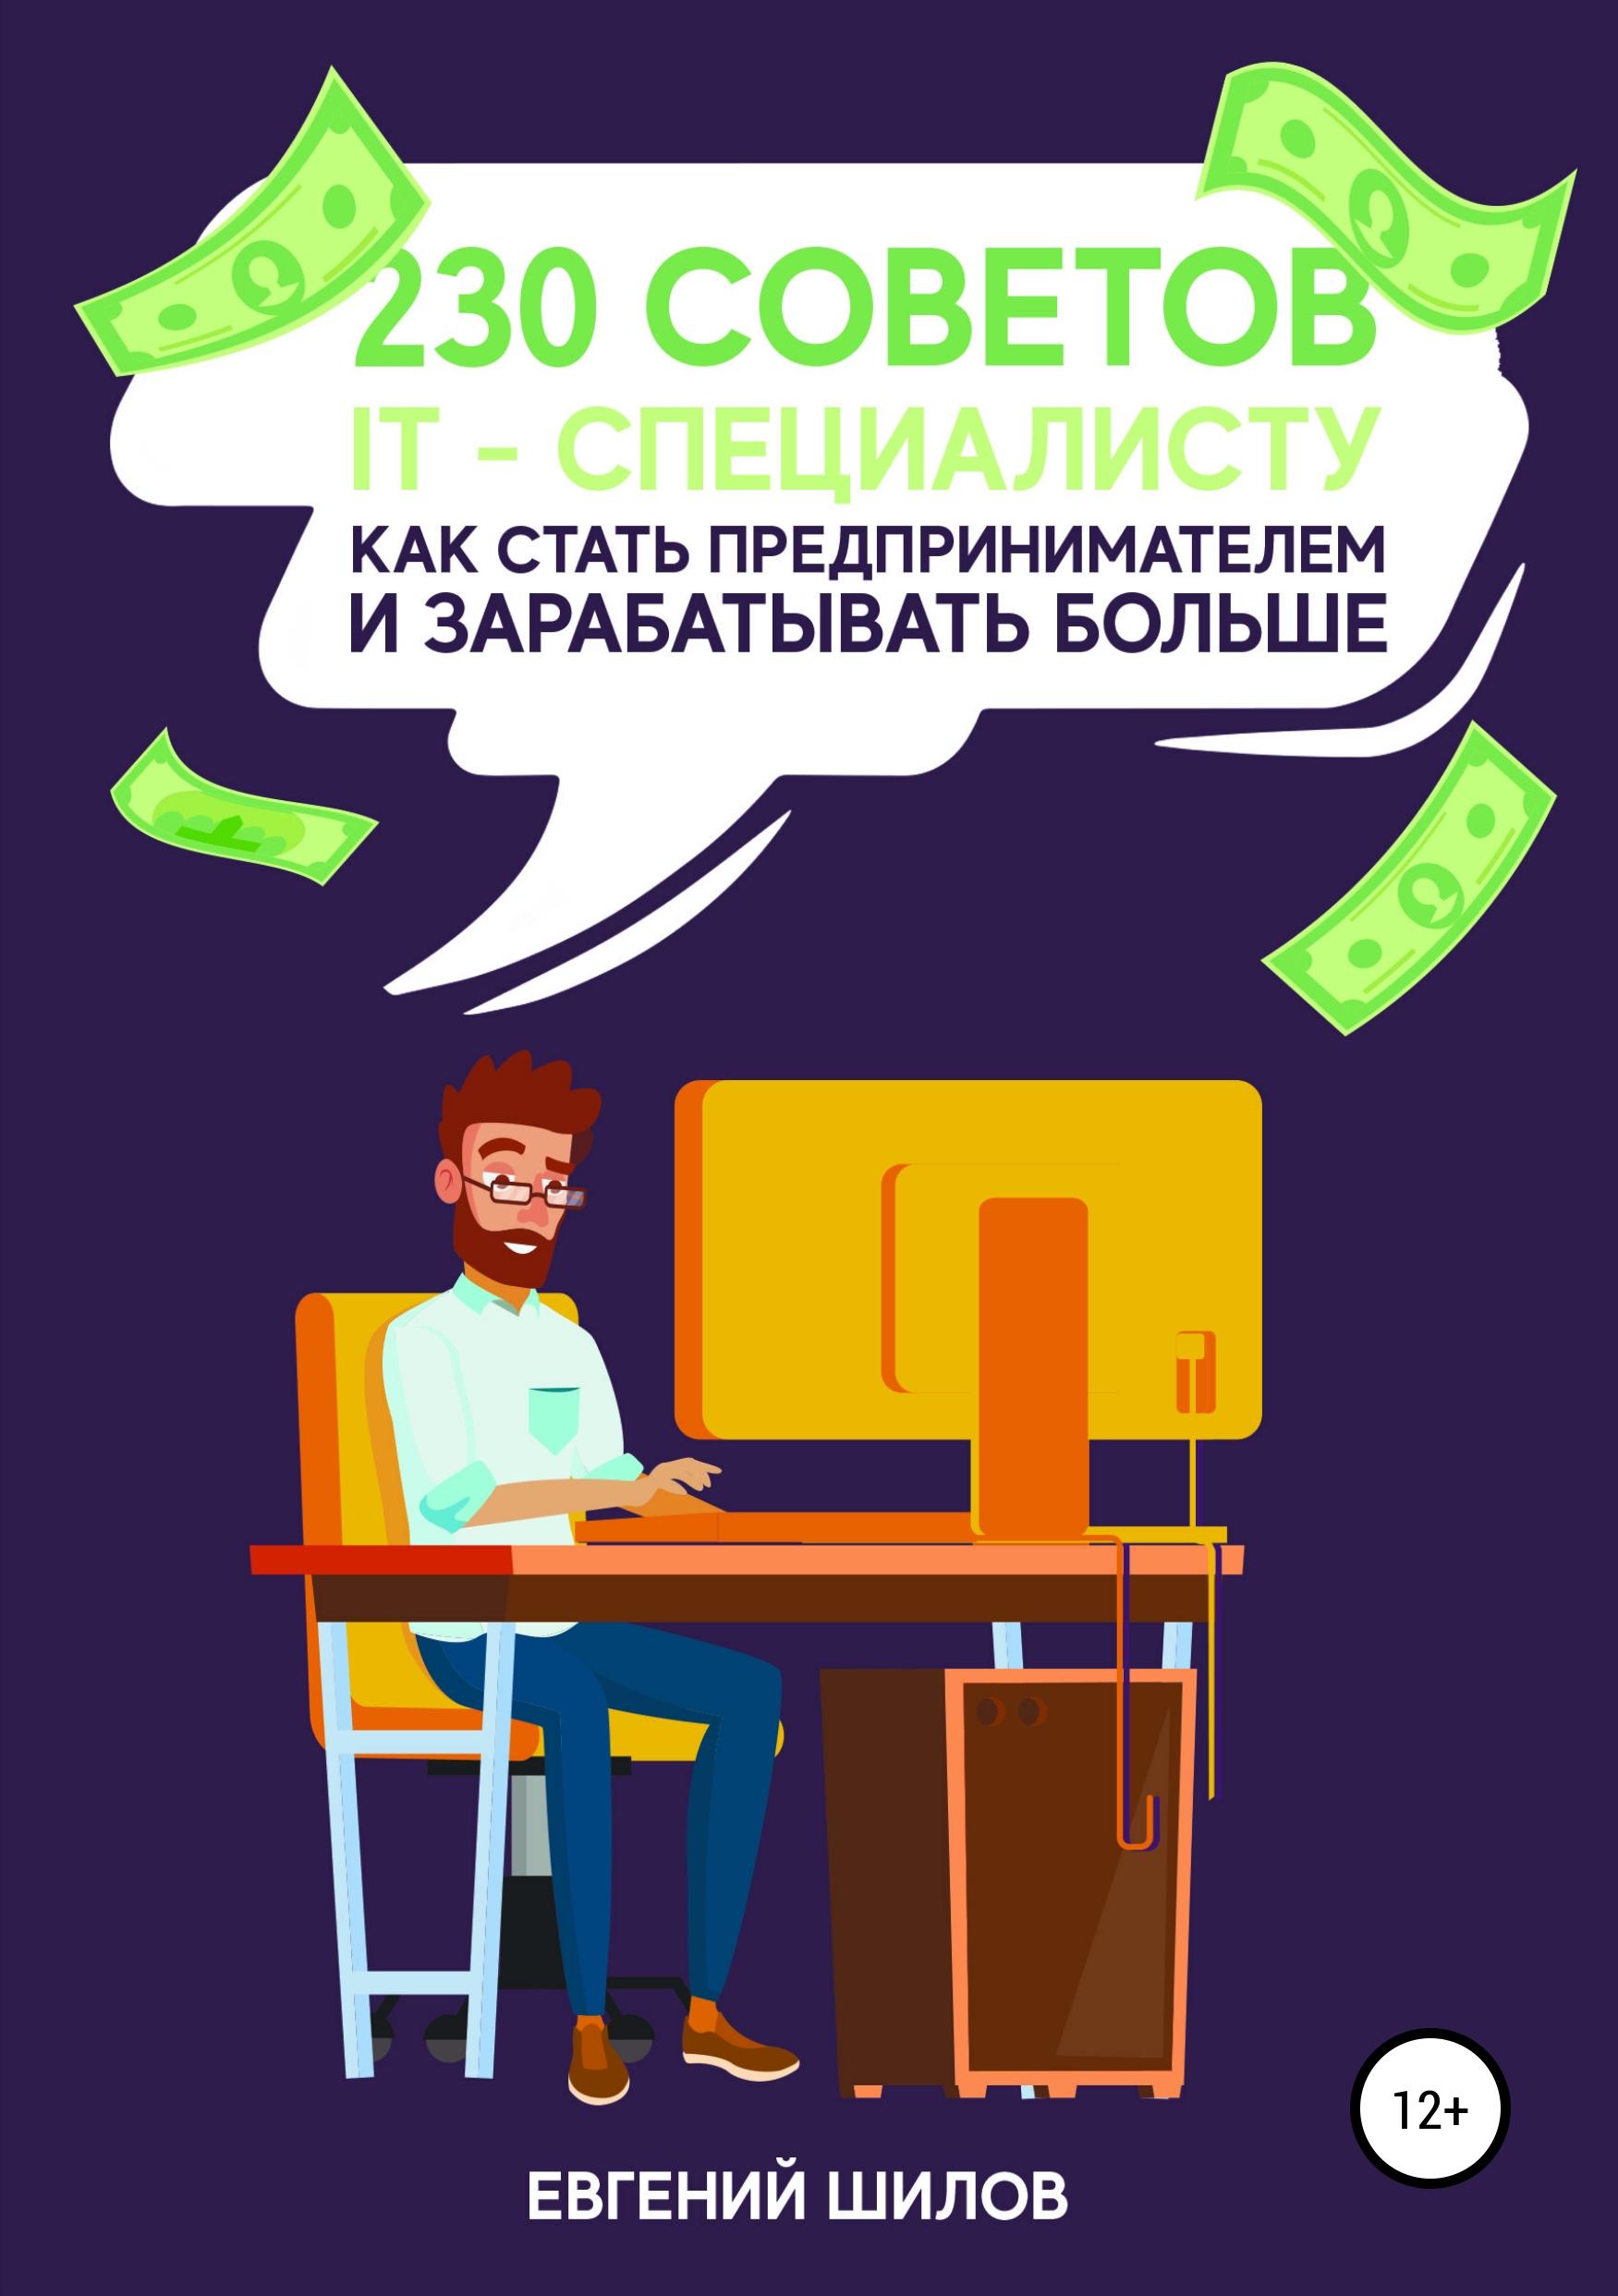 Купить книгу 230 советов IT-специалисту как стать предпринимателем и зарабатывать больше, автора Евгения Викторовича Шилова